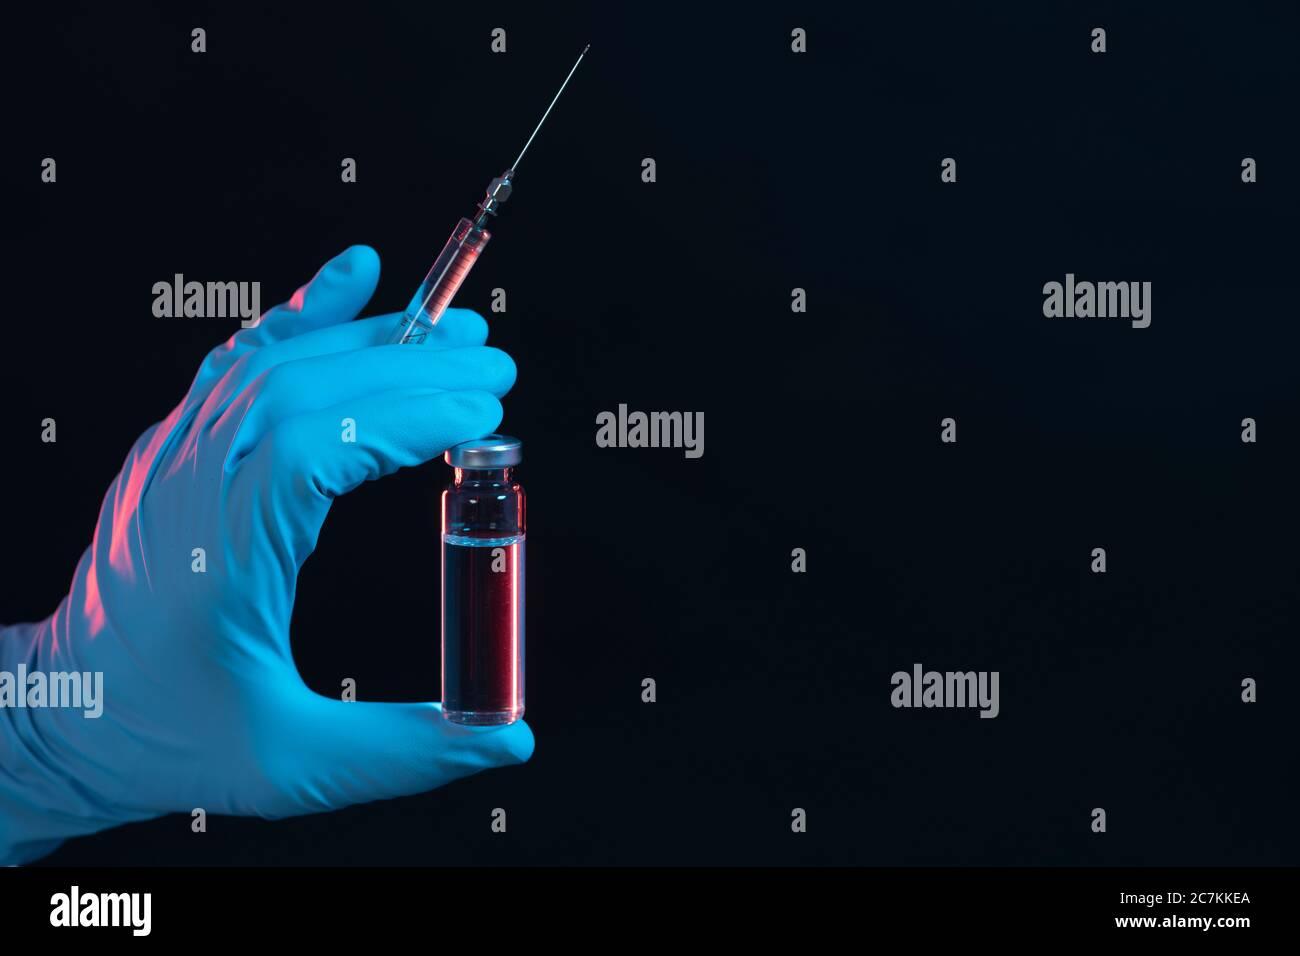 Símbolo, corona, ciencia, investigación, vacuna, peligro, jeringa, vial, coronavirus, abajo a la izquierda Foto de stock